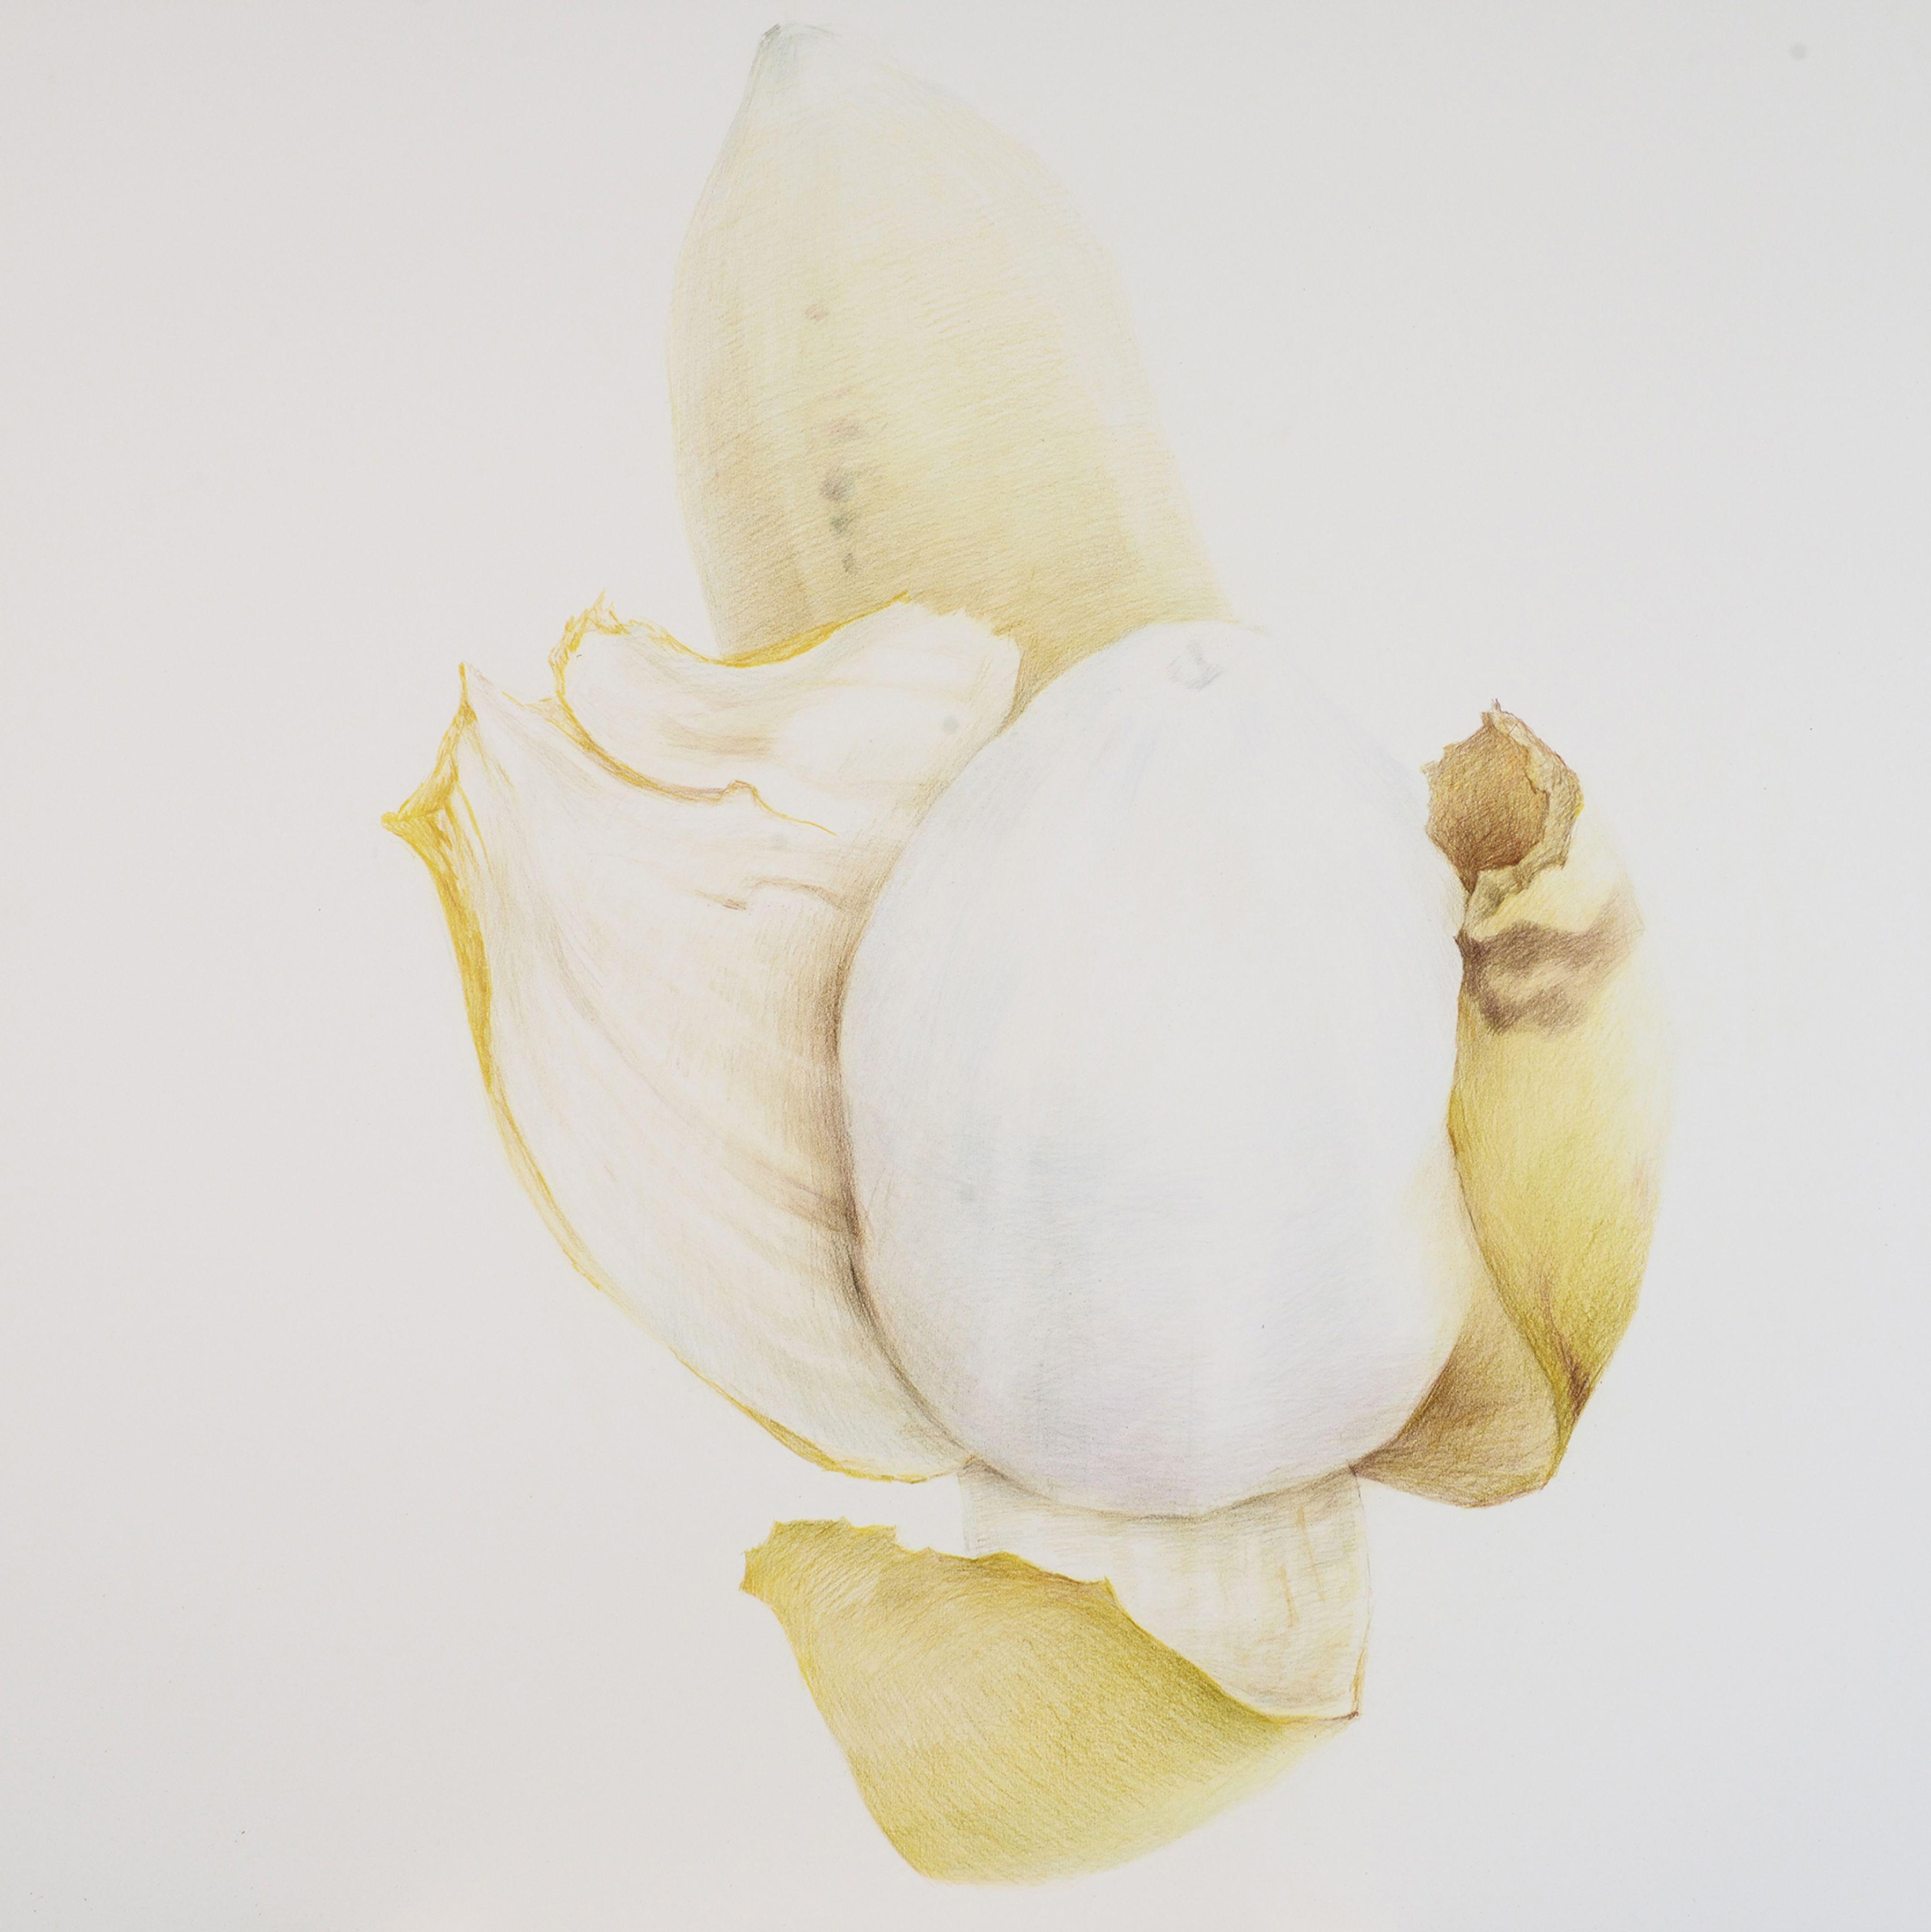 Zhang Dun 张盾, Banana 2 香蕉 2